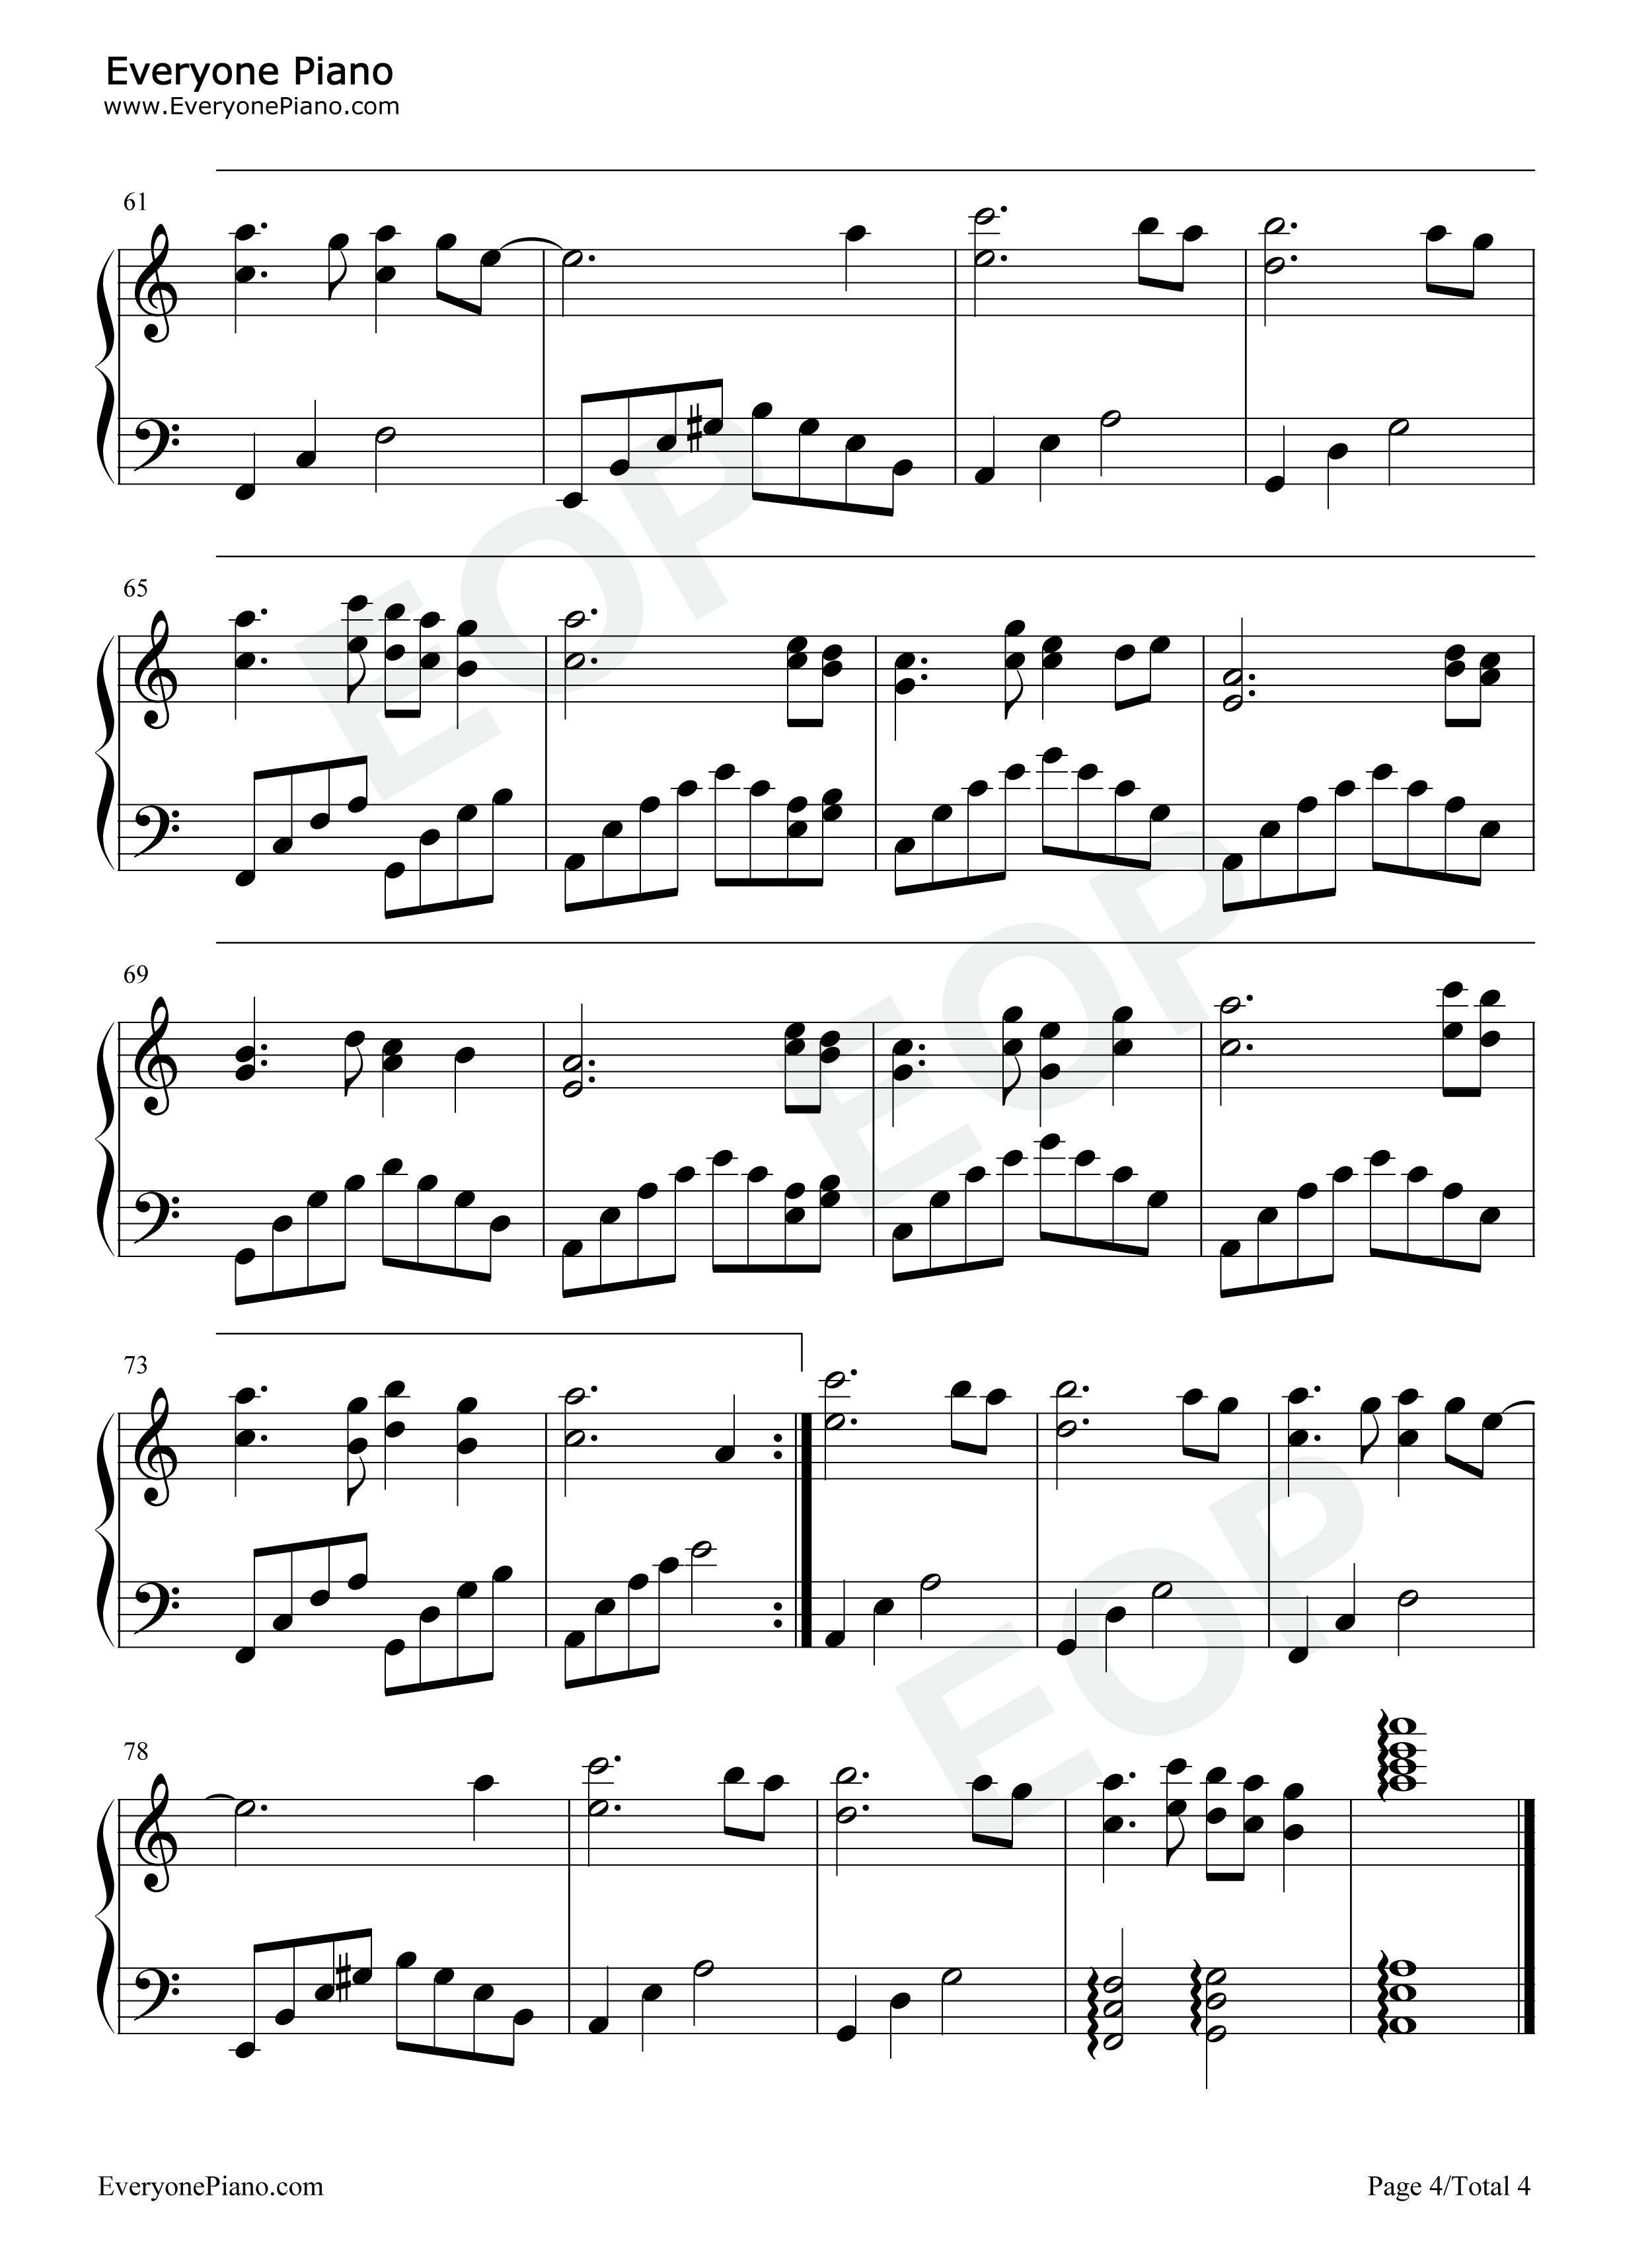 迷梦之恋-简单又很好听的钢琴曲五线谱预览图片